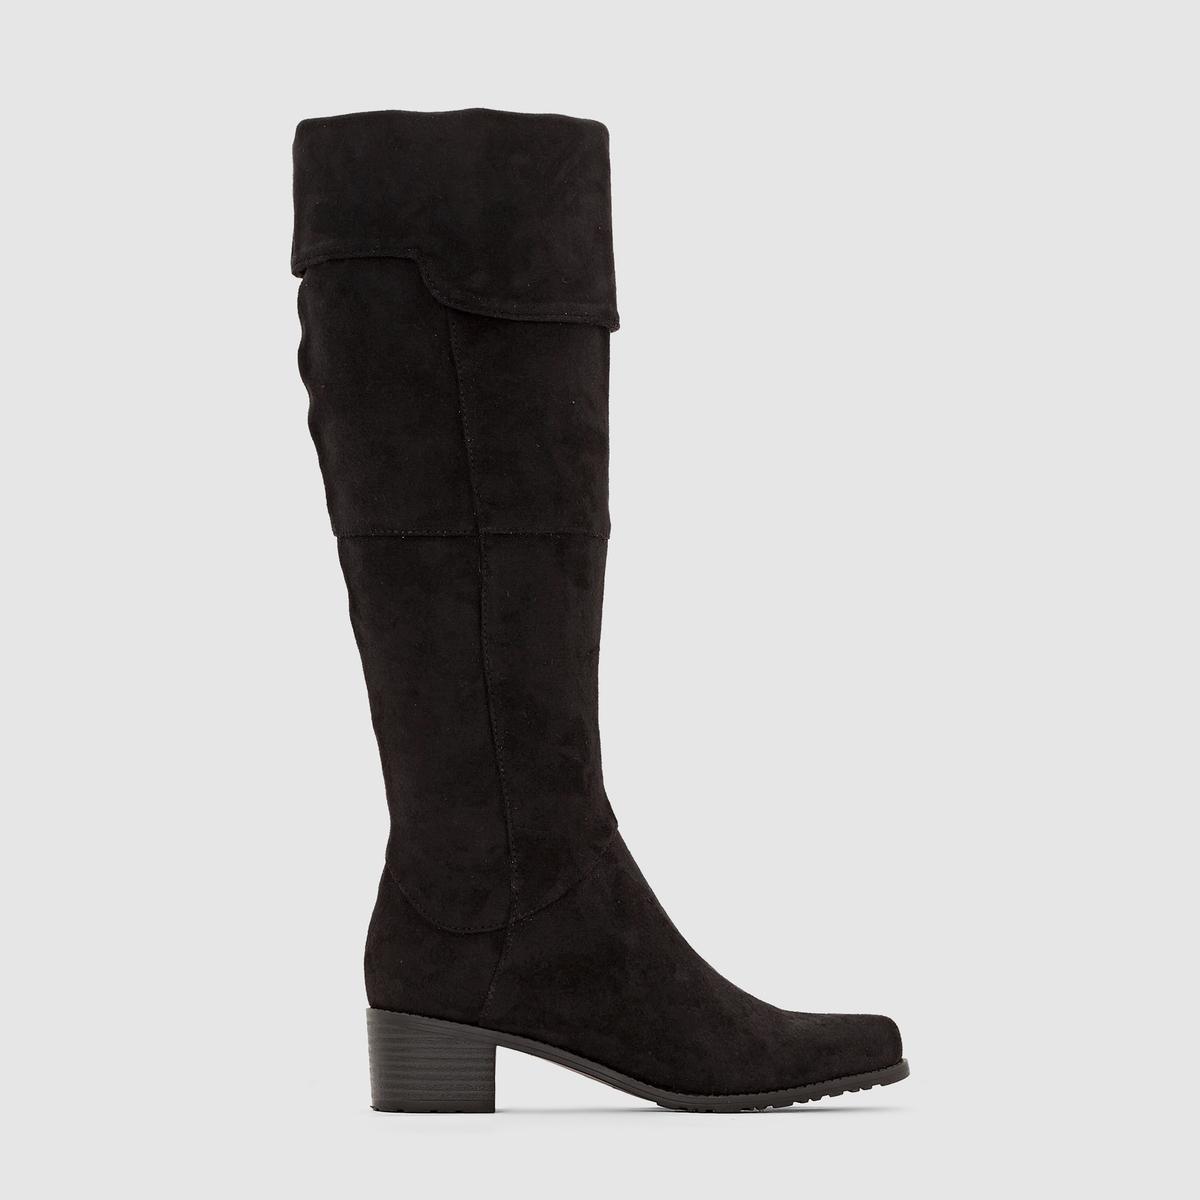 Сапоги высокие LES TROPEZIENNES COOLПреимущества : сапоги LES TROPEZIENNES с высоким голенищем, в обновленном и весьма удачном стиле 70-х, прекрасно сочетающиеся с модной в этом сезоне одеждой.<br><br>Цвет: черный<br>Размер: 37